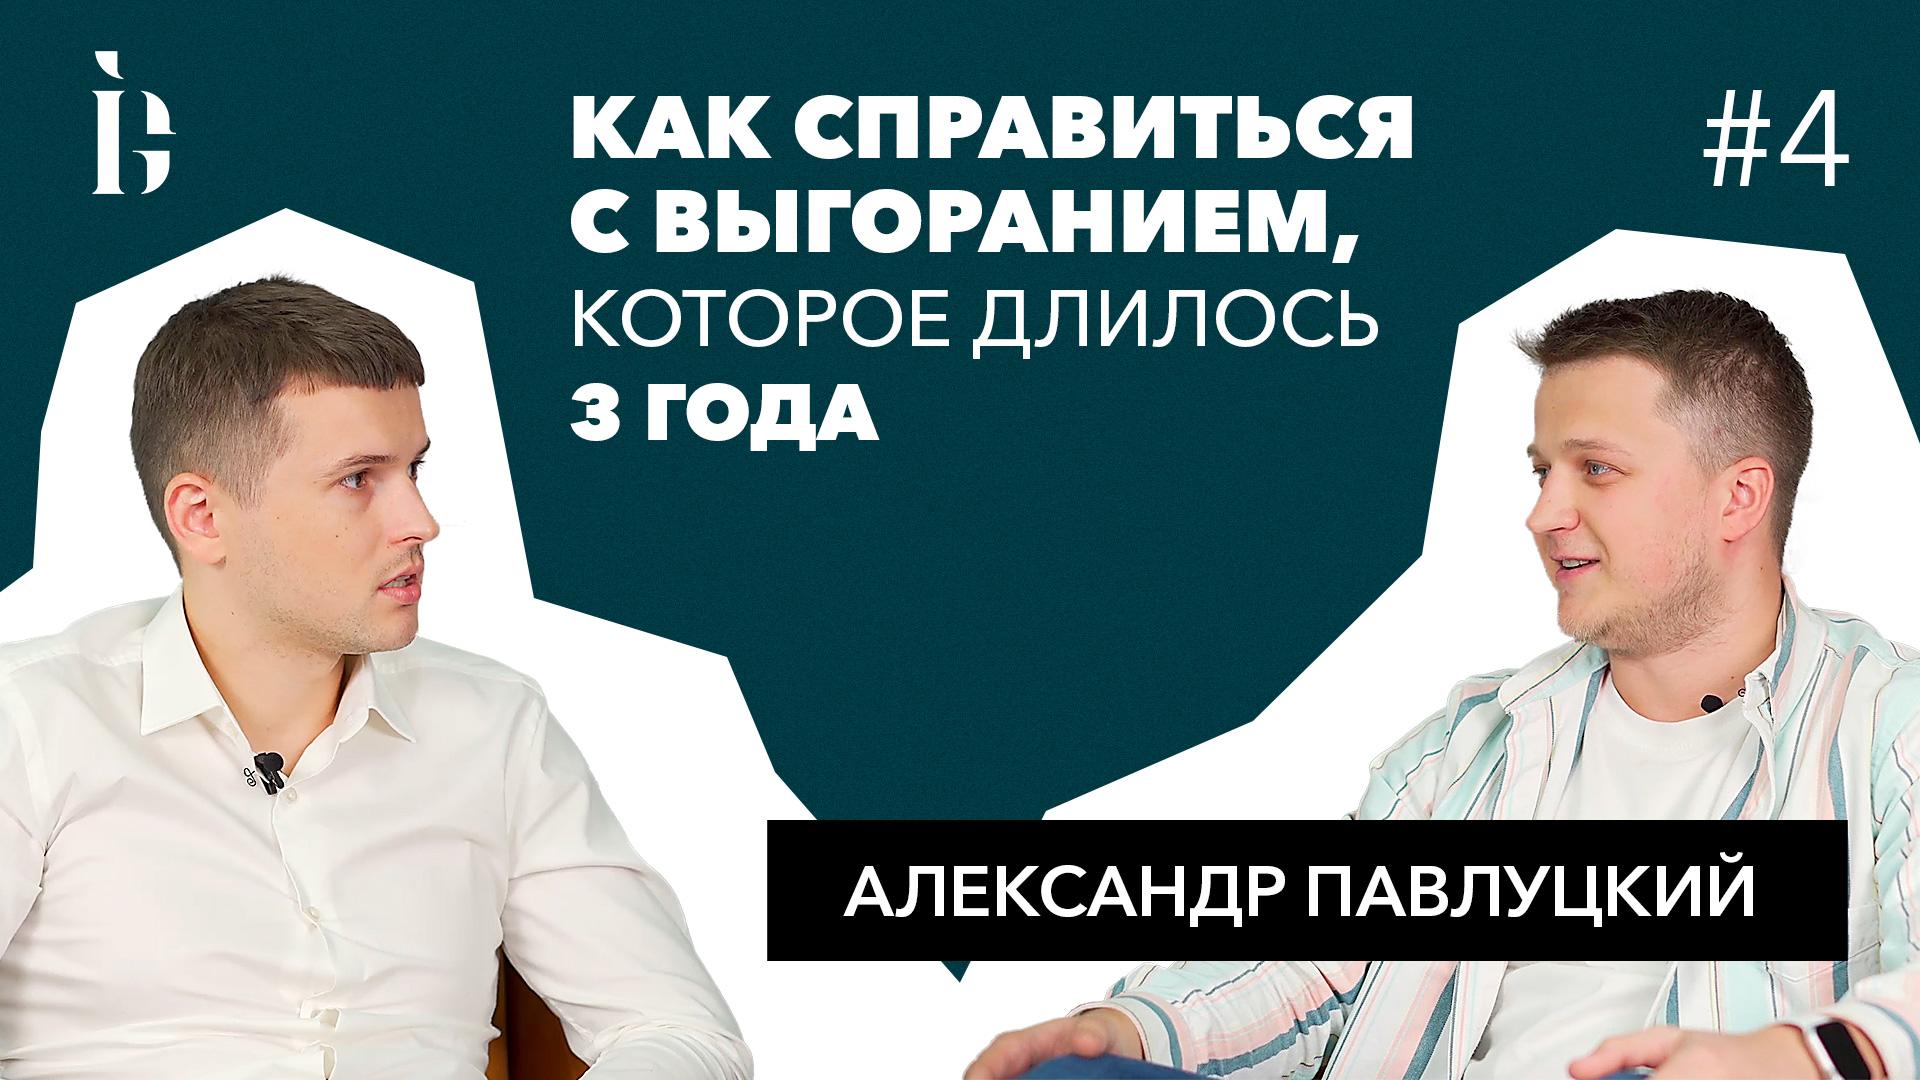 саша павлуцкий интервью